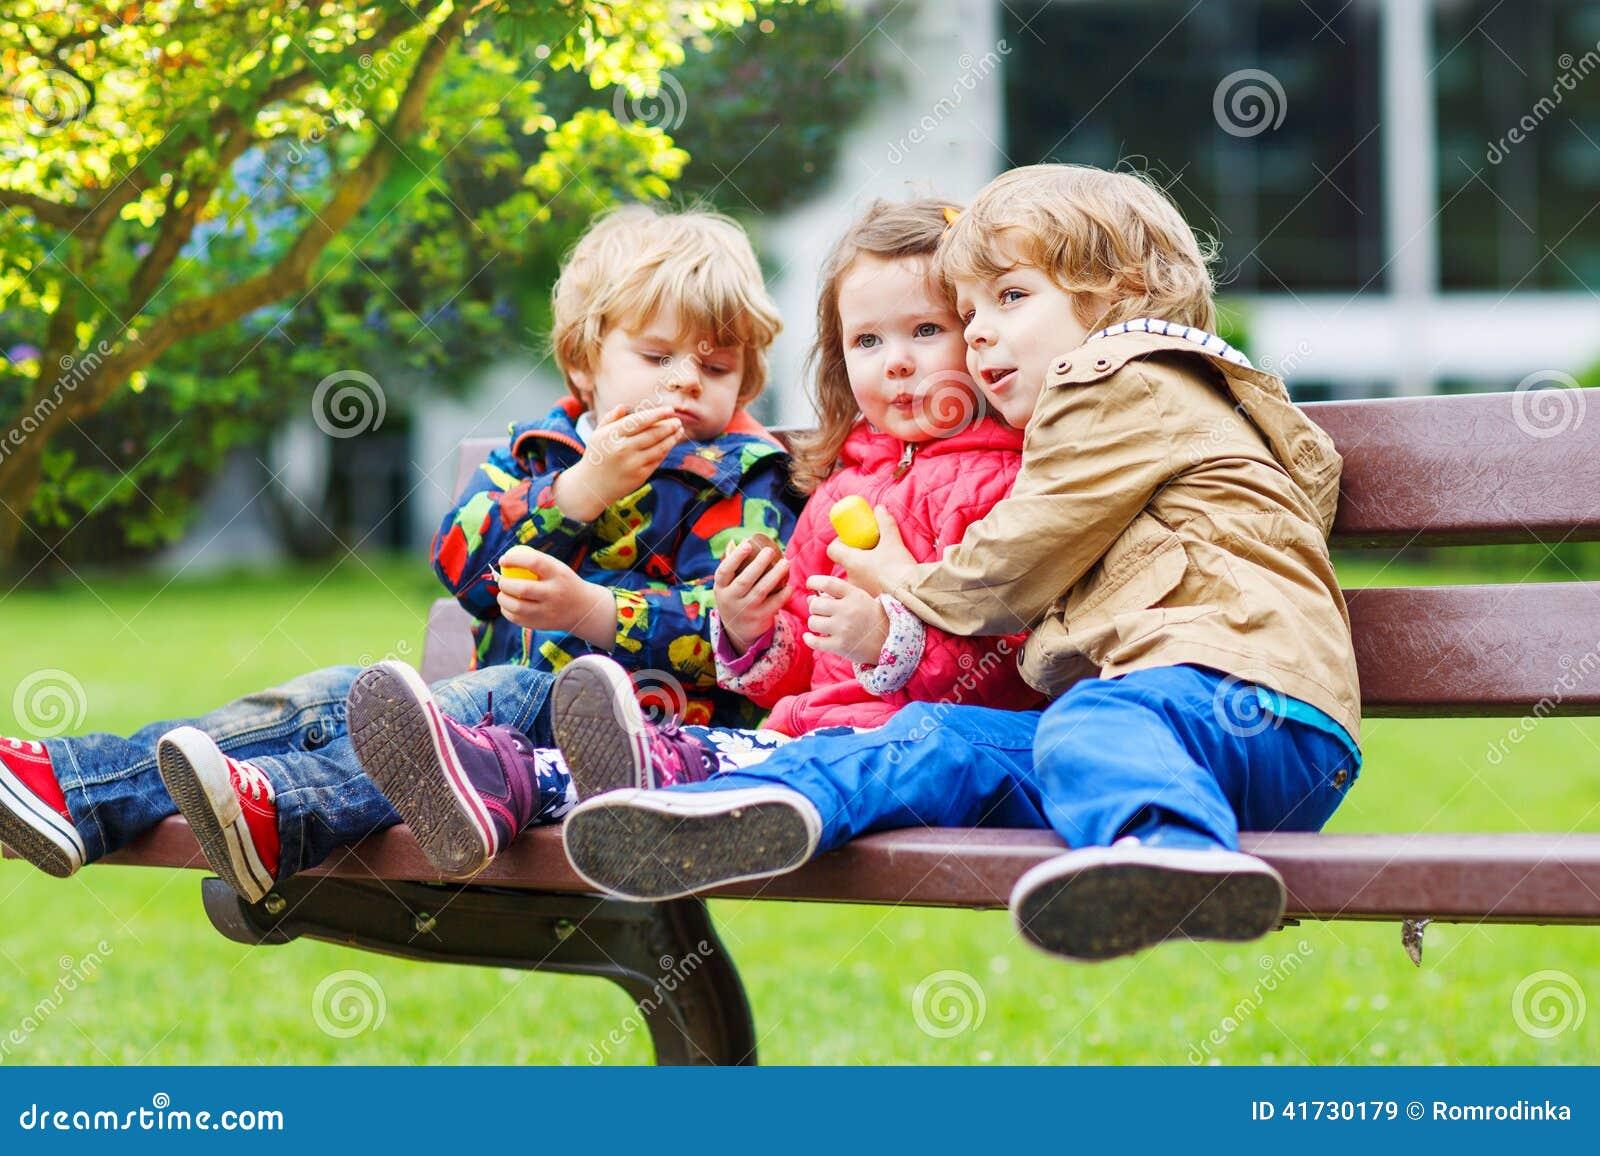 Русское порно два мальчика и одна девочка 3 фотография